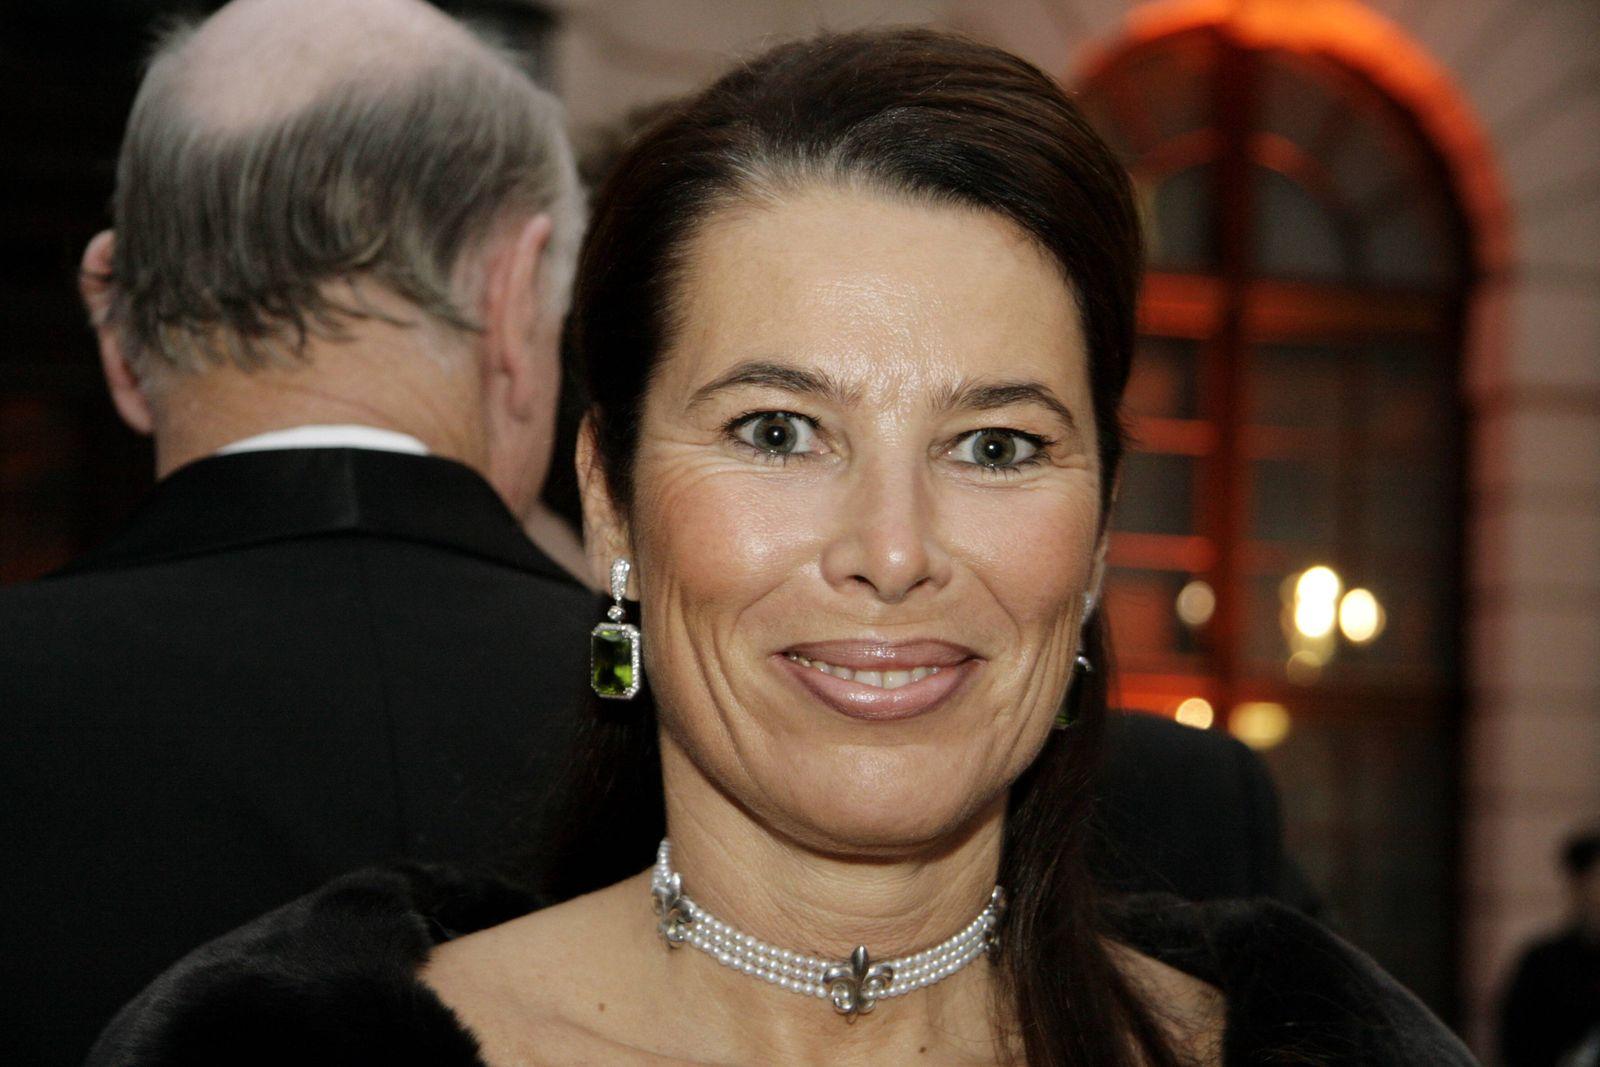 Katrin Haub